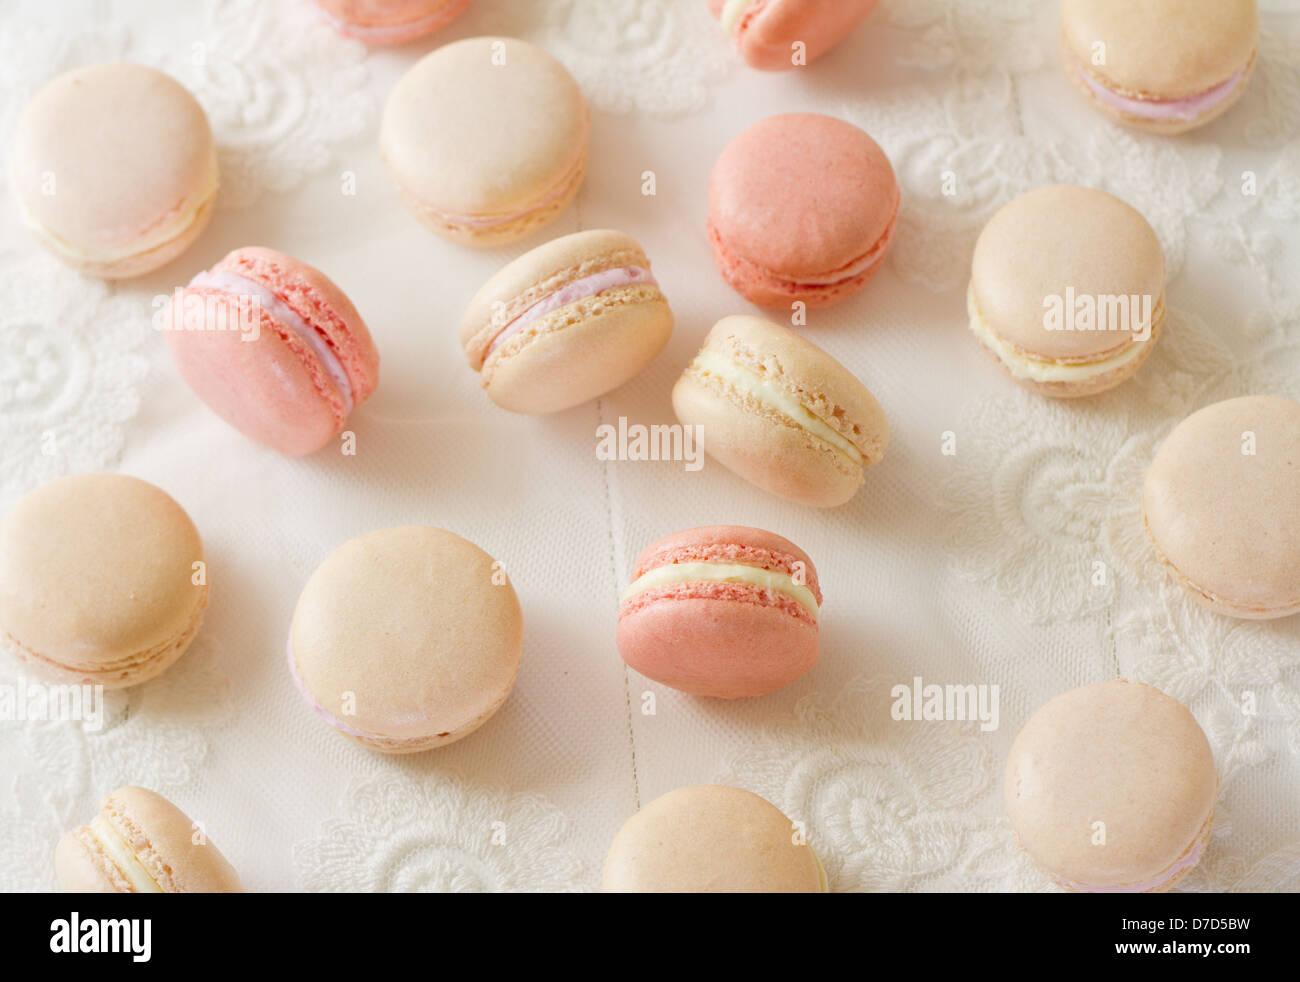 Auswahl an französischen Mandel Macarons auf weißem Holz, Teil einer Serie. Stockbild